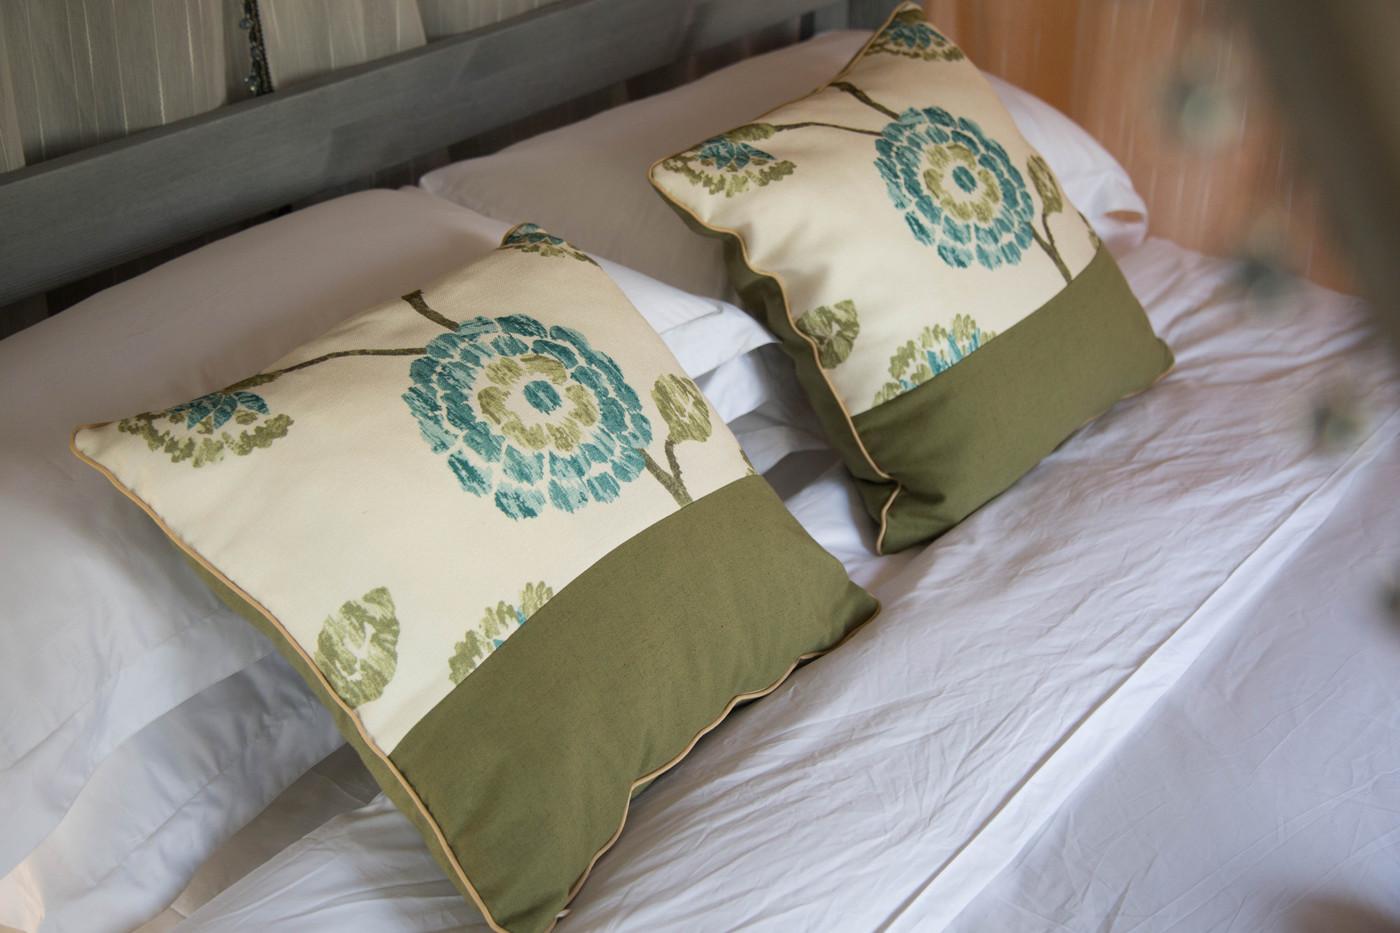 喜马拉雅野奢帐篷酒店—安徽砀山东篱蓬芦(梨园62平)22